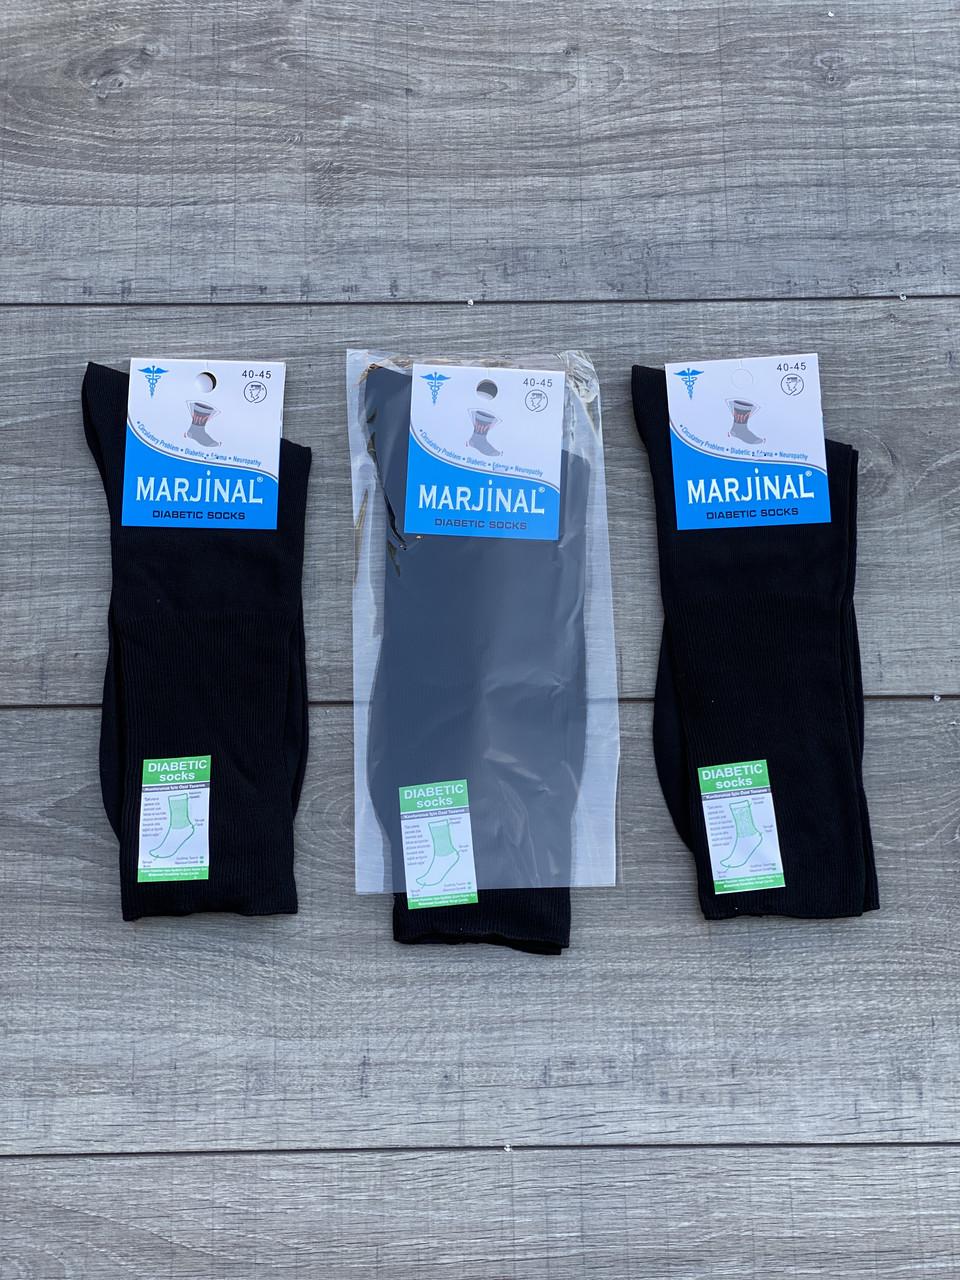 Чоловічі носки котон шкарпетки для діабетиків Marjinal високі антибактеріальний продукт 41-44 12 шт в уп чорні